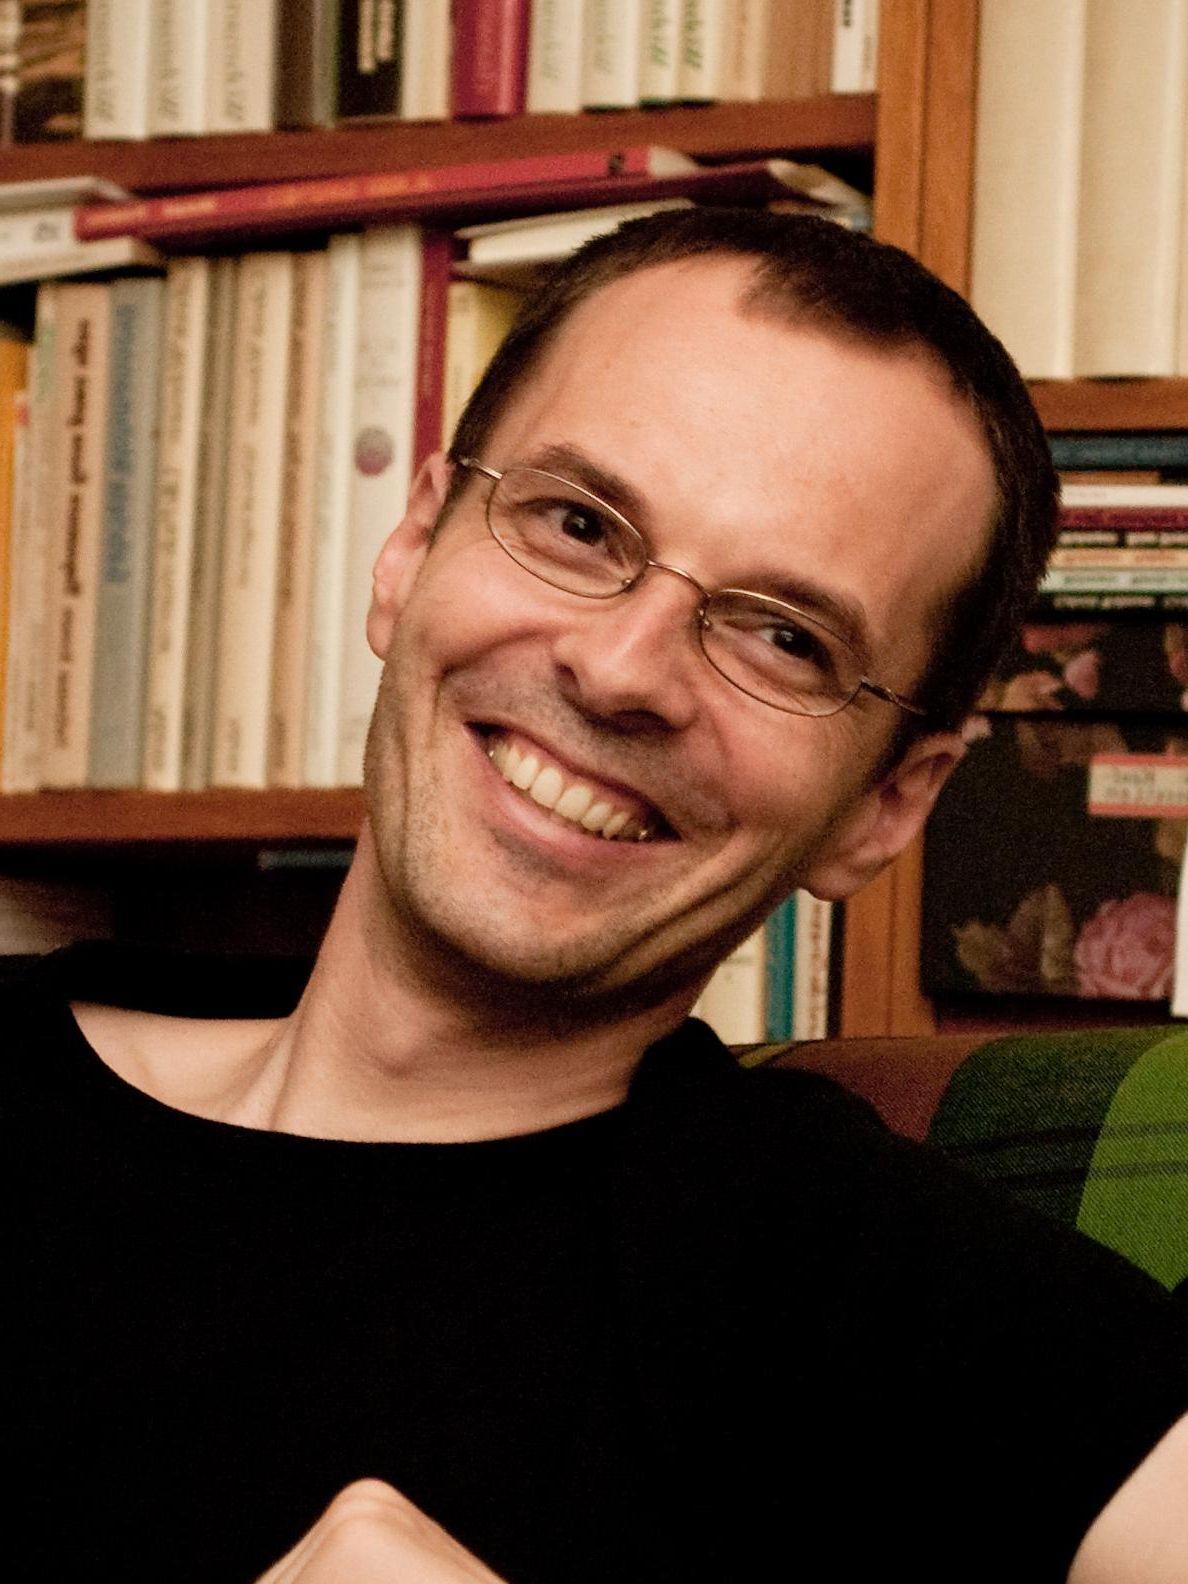 Georg Magirius